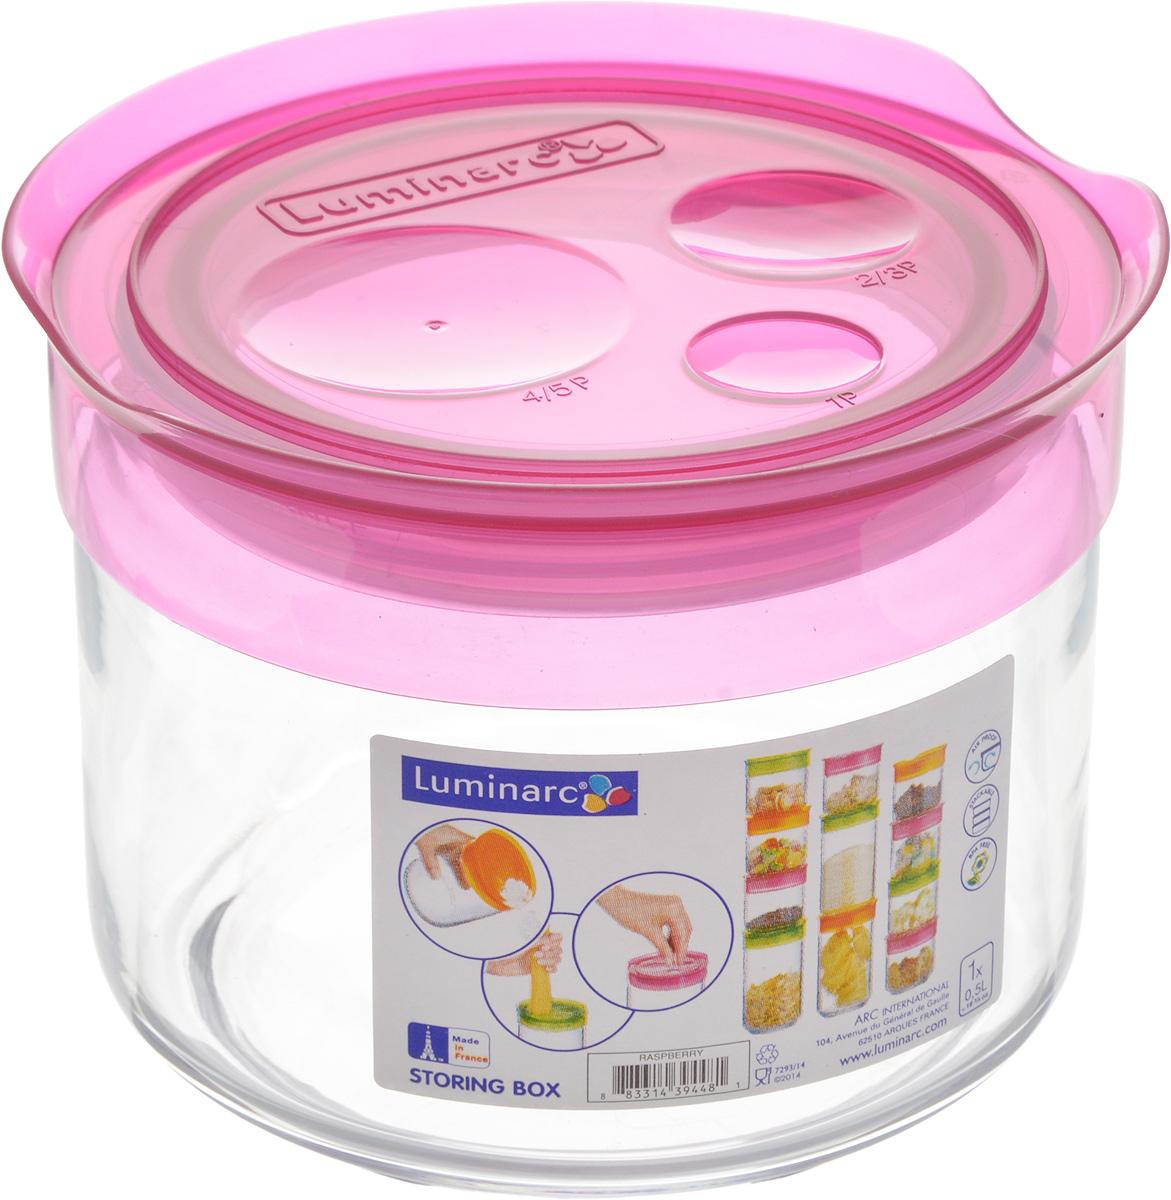 Банка для сыпучих продуктов Luminarc Storing Box, с крышкой, цвет: малиновый, 500 мл банка 11х7 5х12 5 см 500 мл nouvelle банка 11х7 5х12 5 см 500 мл